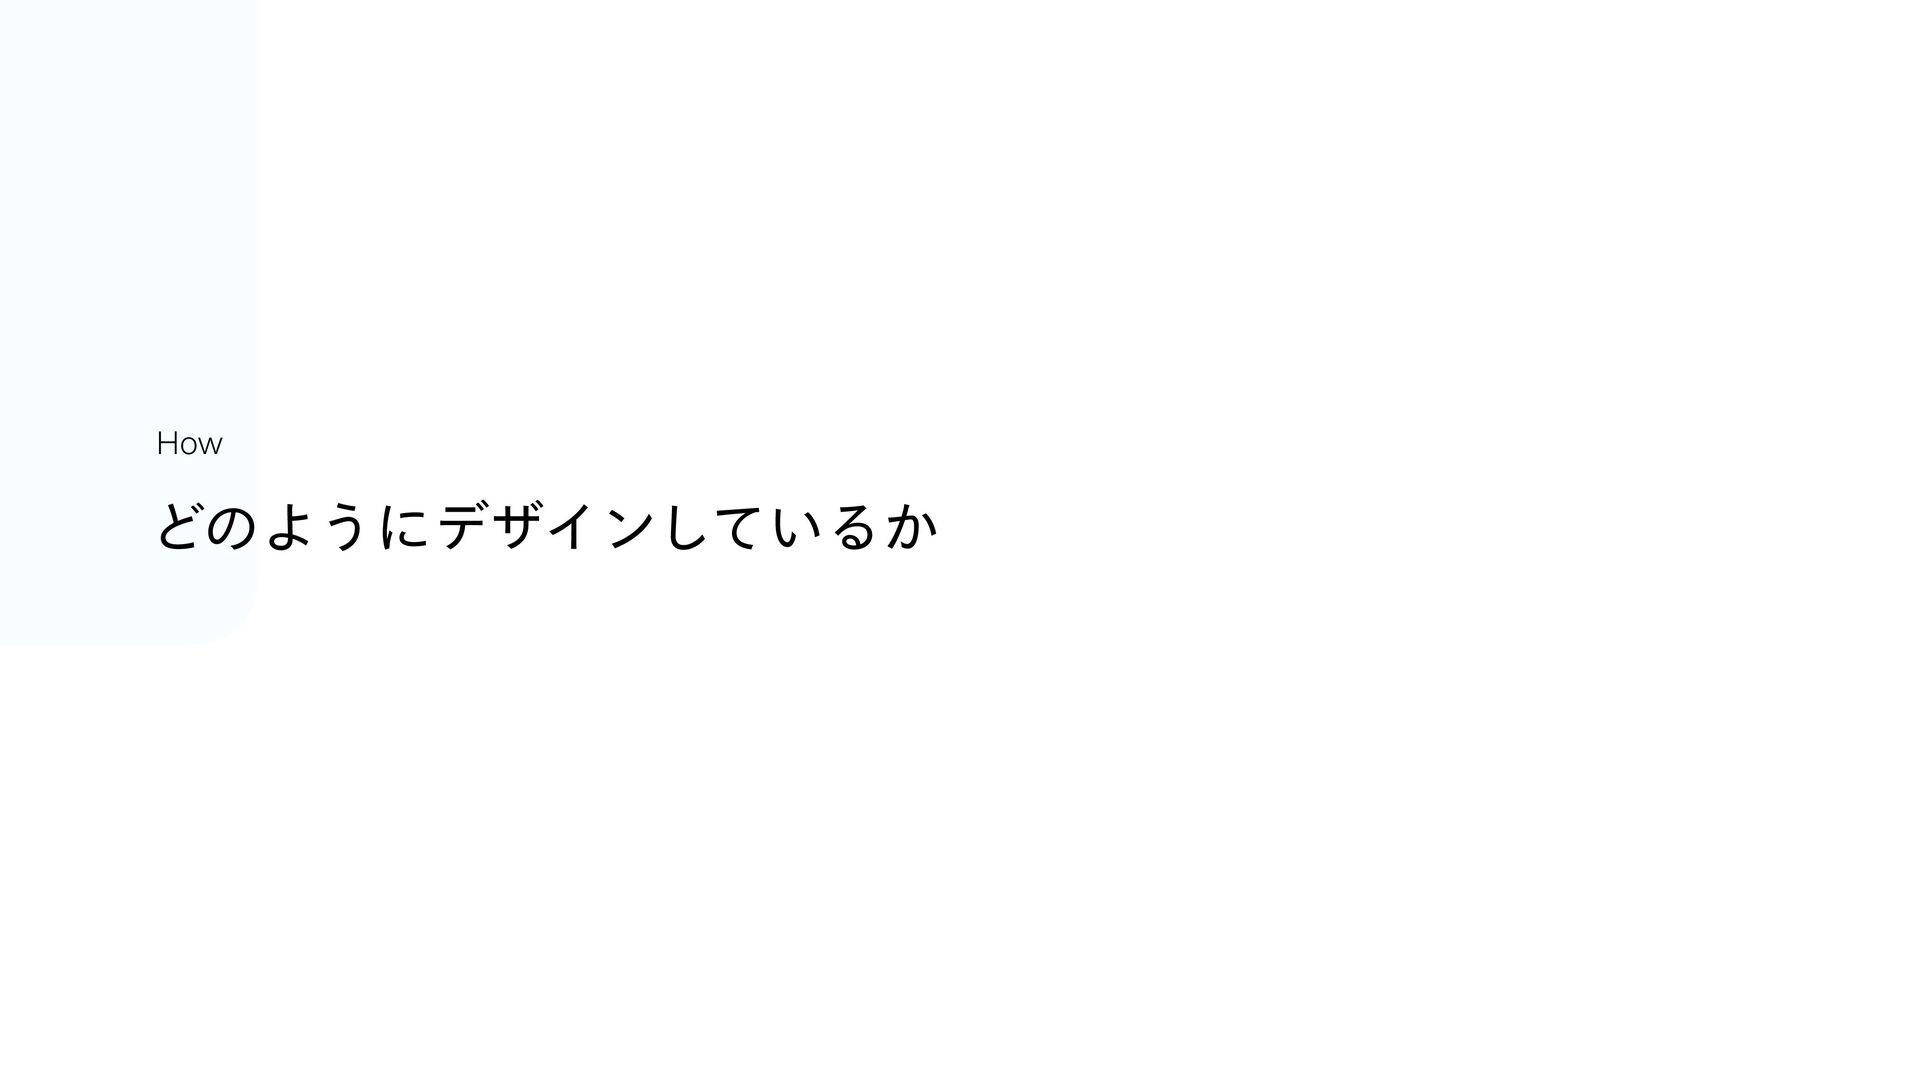 ͲͷΑ͏ʹσβΠϯ͍ͯ͠Δ͔ How